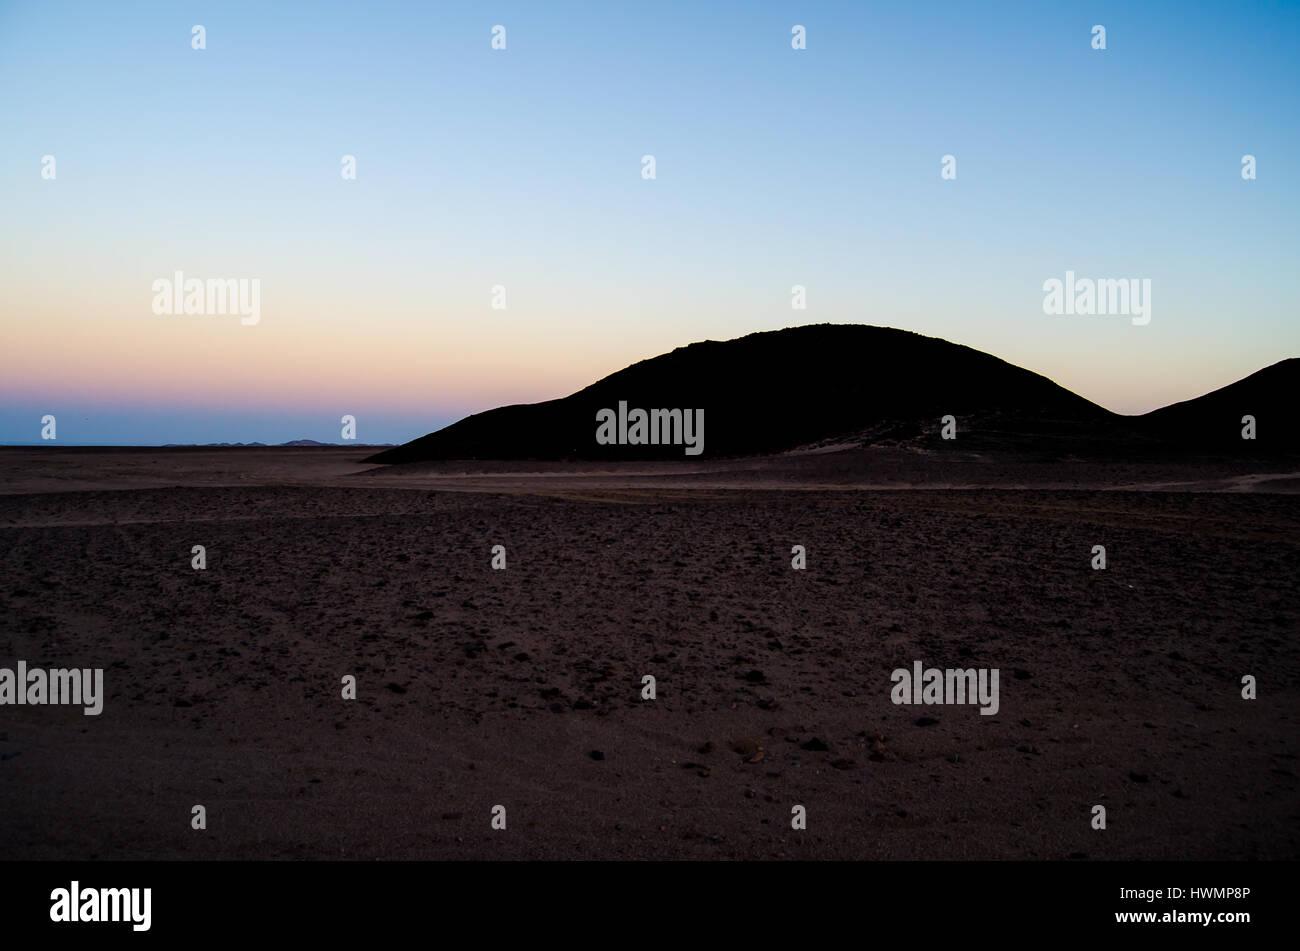 Safaga, Ägypten - Stock Image